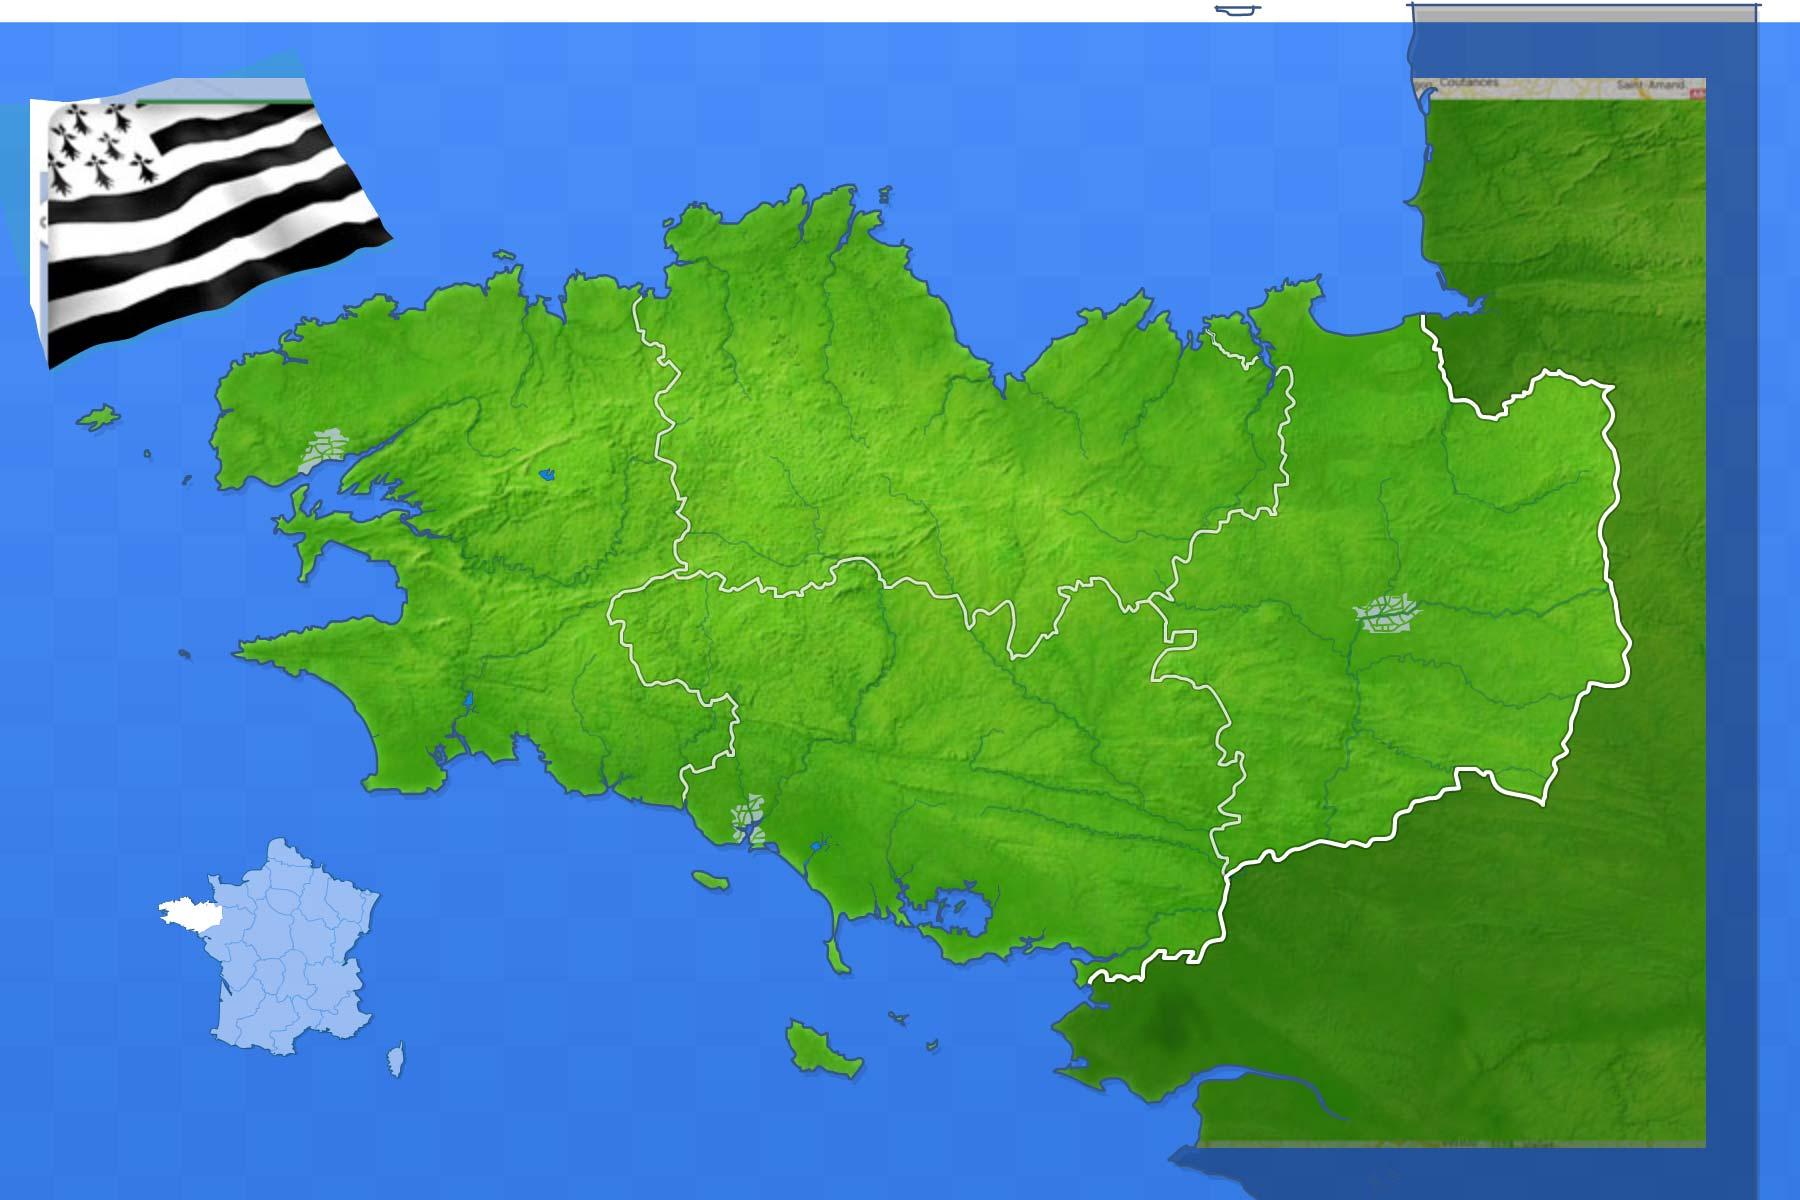 Jeux-Geographiques Jeux Gratuits Villes De Bretagne encequiconcerne Jeux Geographique Ville De France